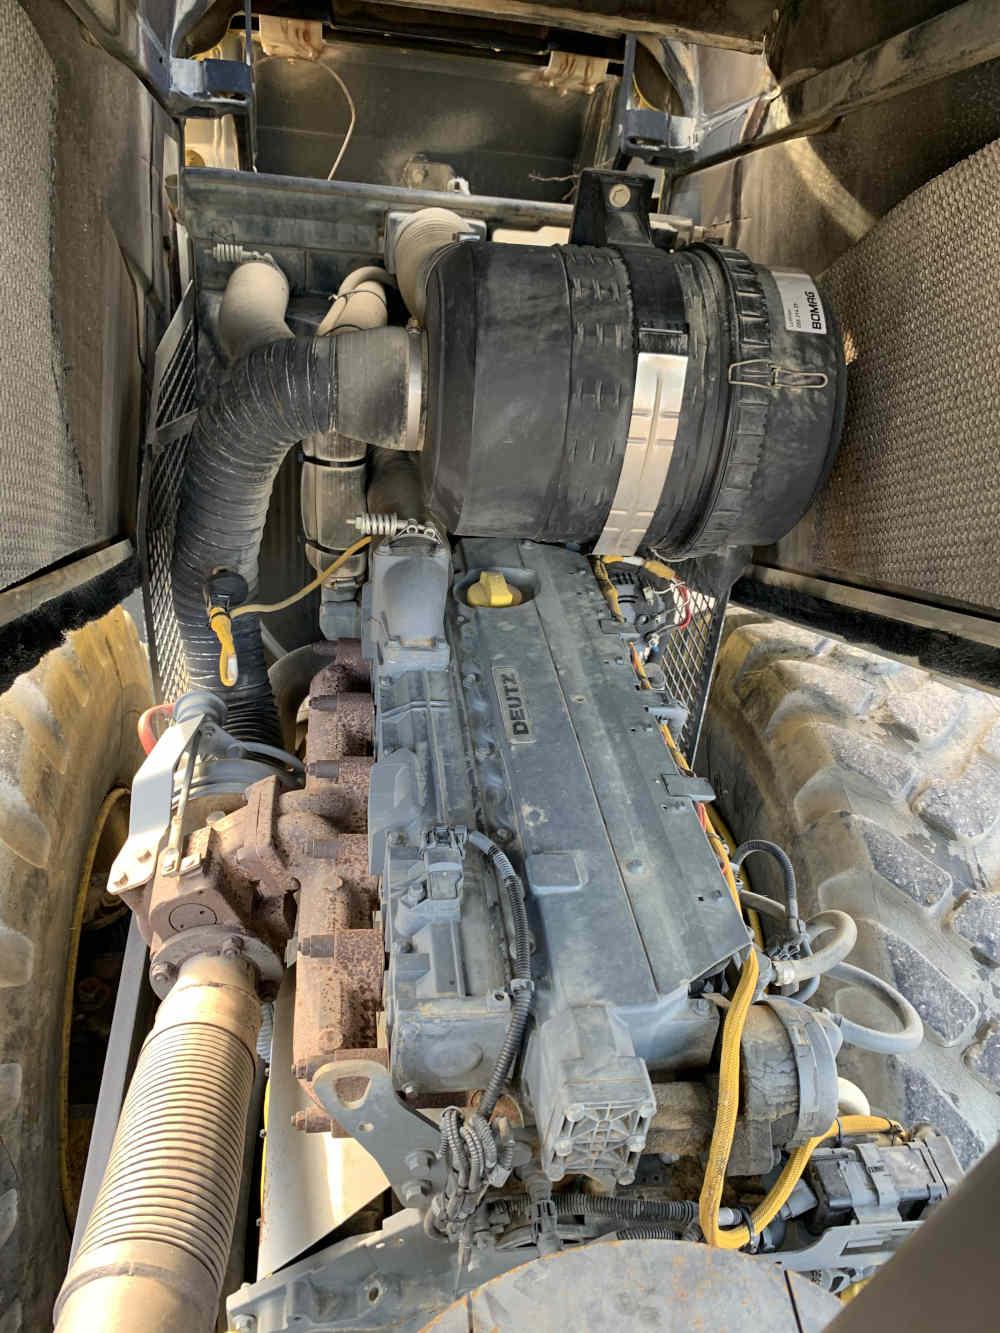 2008-bomag-bw219dh-4-104521-11718108